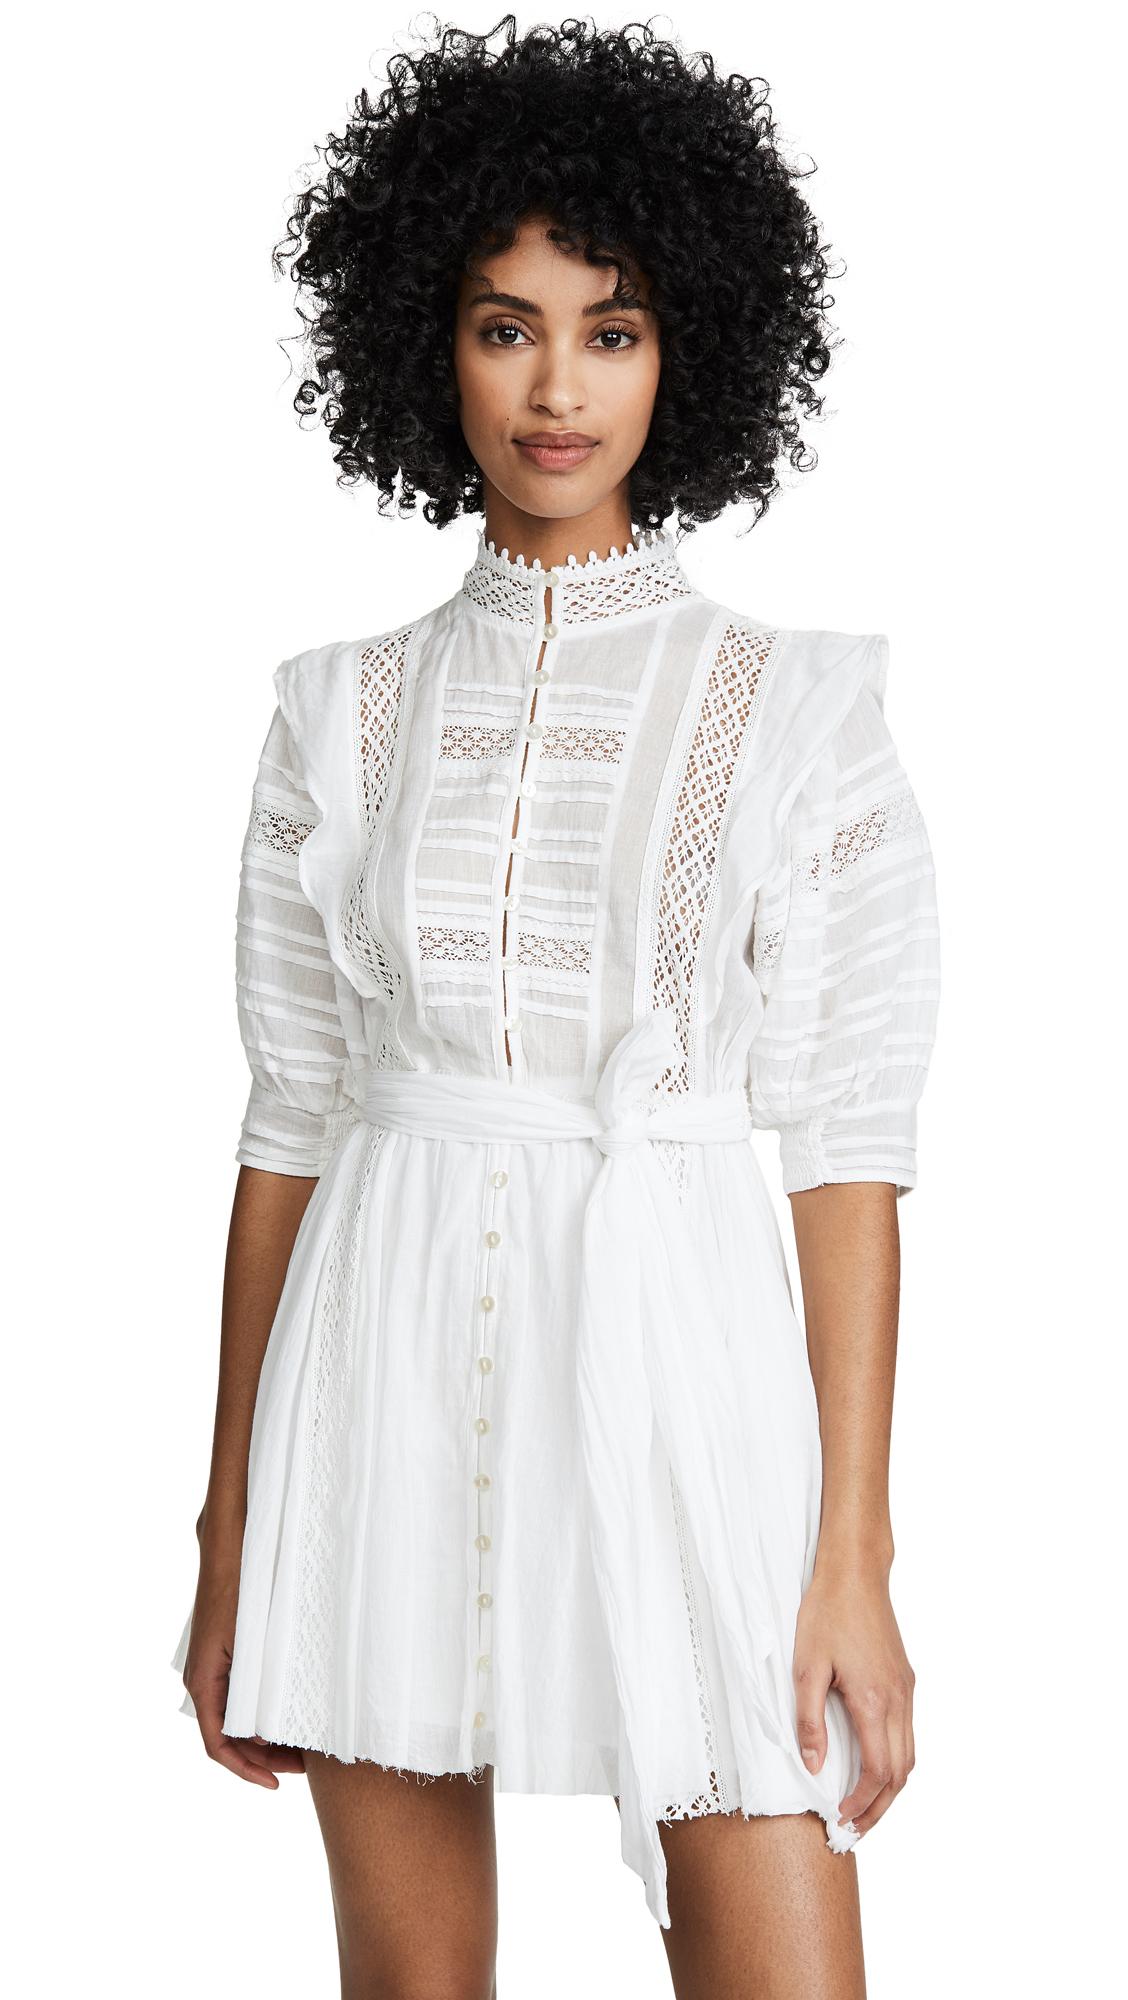 Free People Sydney Mini Dress - Ivory